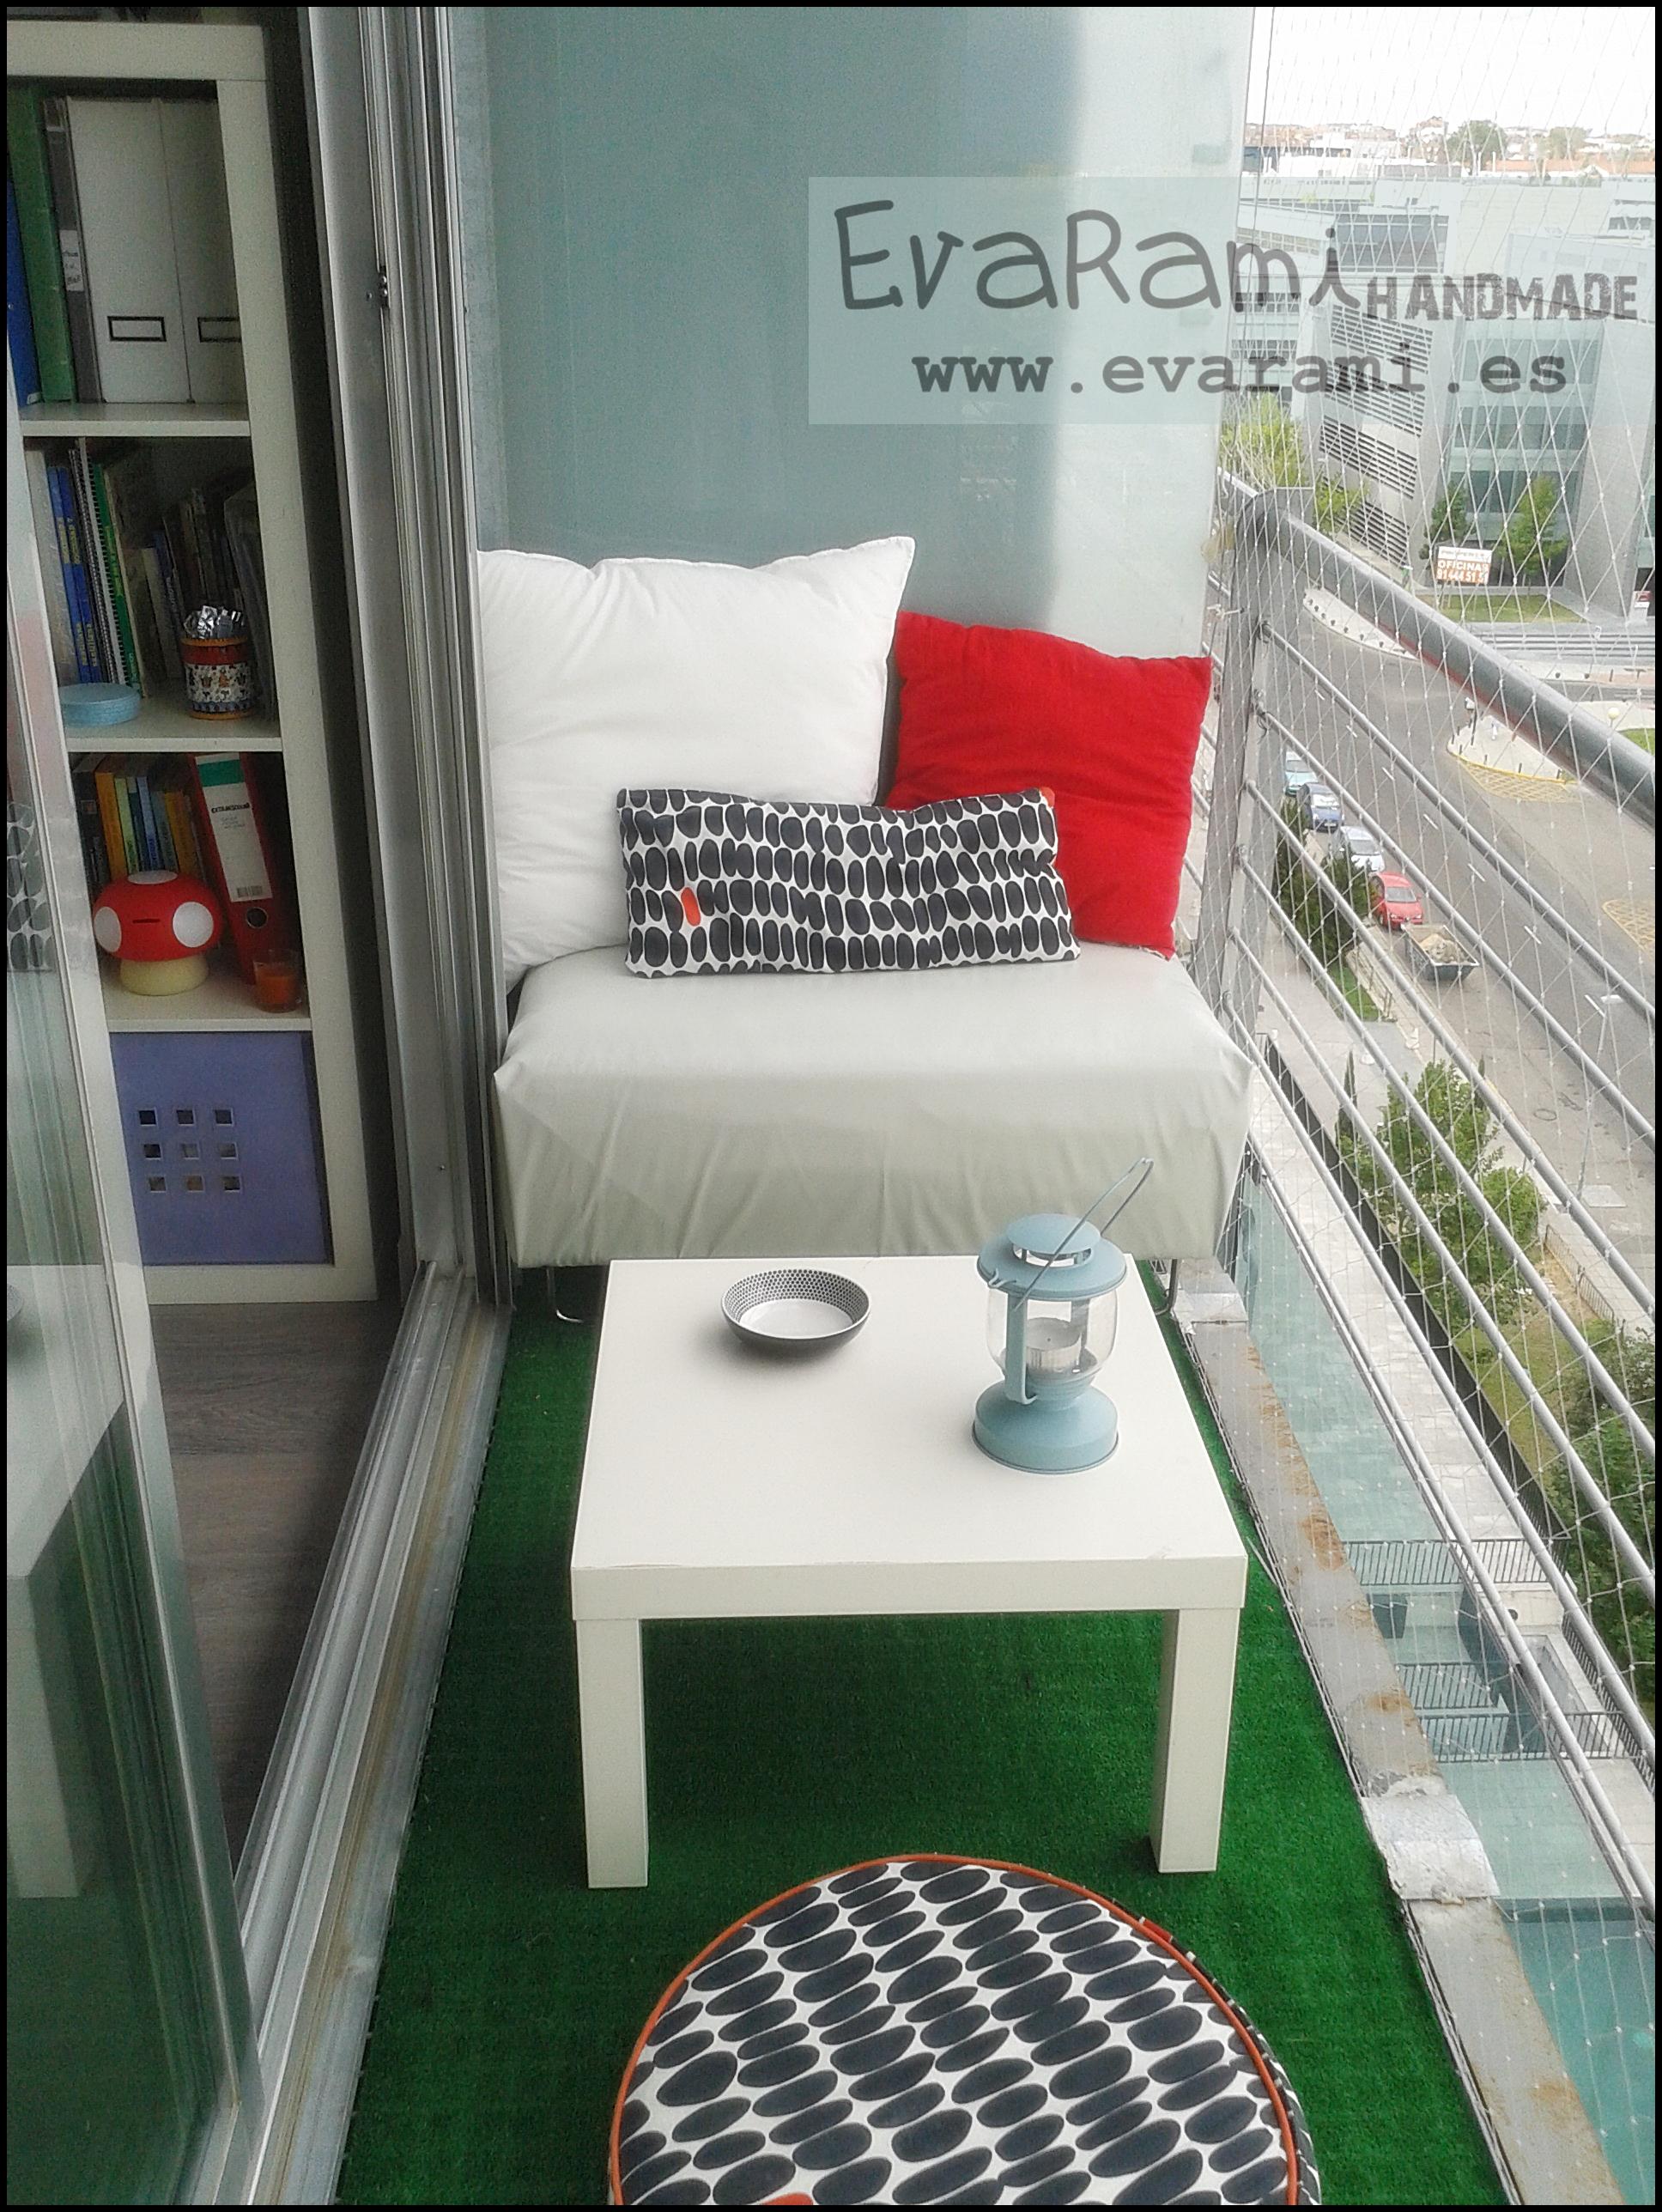 Muebles terraza ikea 100 dise os de muebles con palets para interior y exterior - Mobiliario de jardin ikea ...